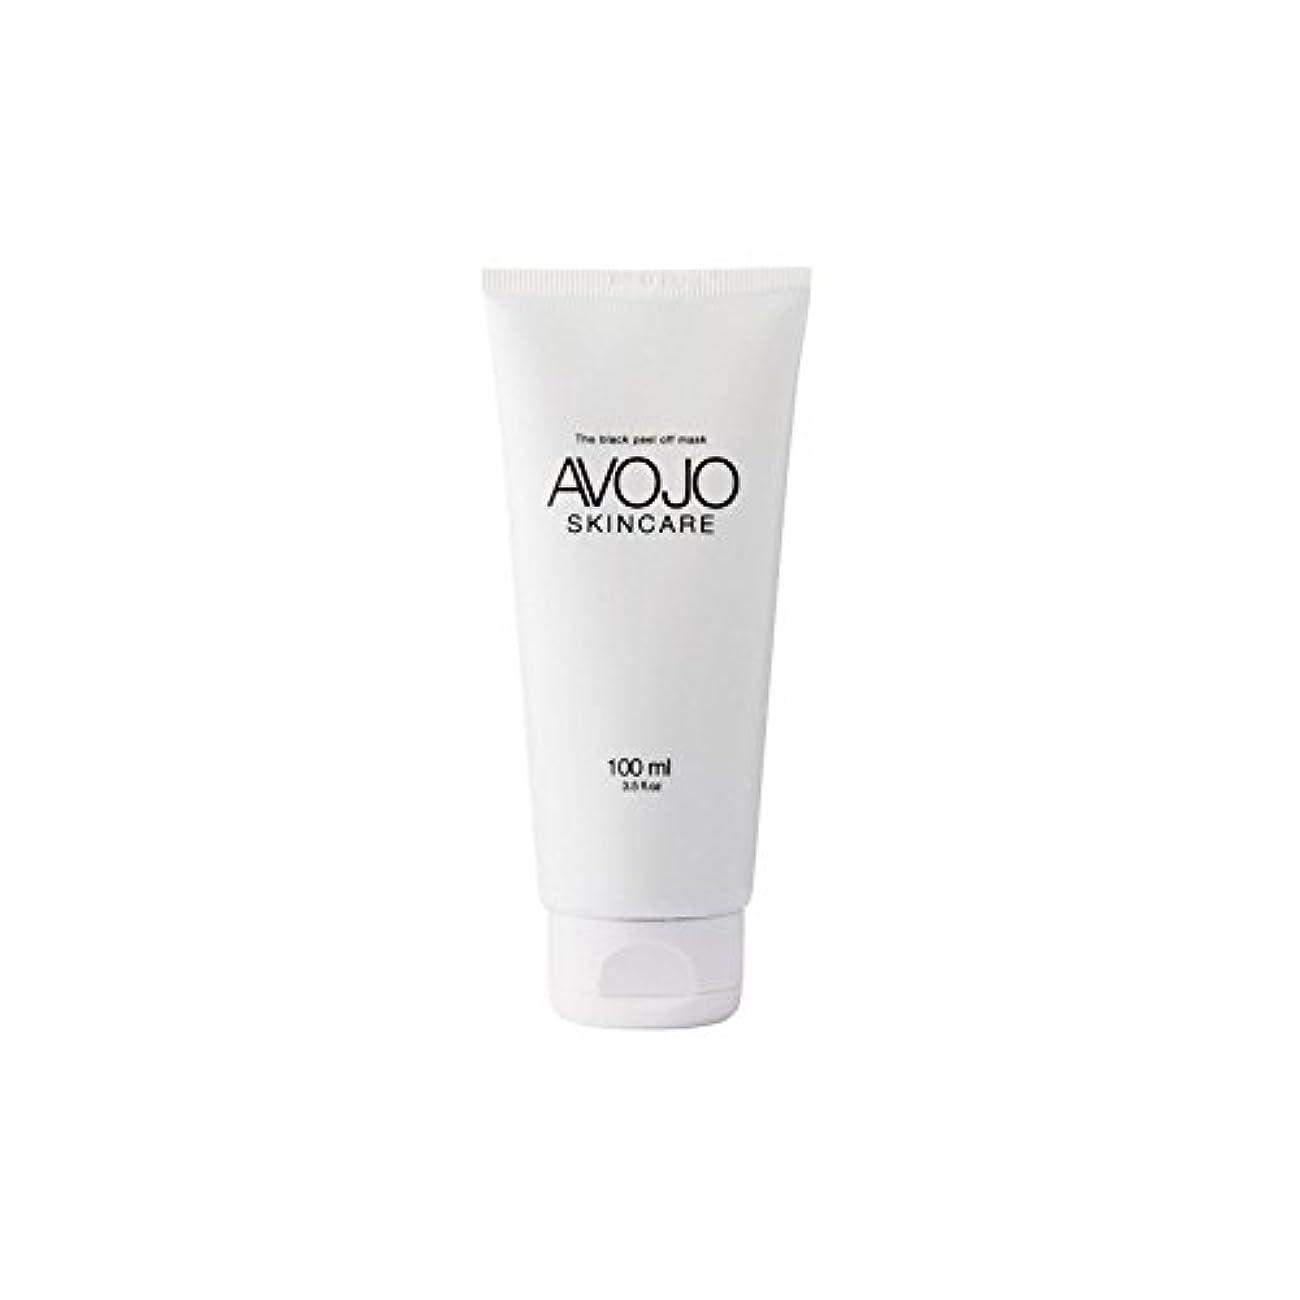 偽装する外側自信がある- 黒皮オフマスク - (ボトル100ミリリットル) x4 - Avojo - The Black Peel Off Mask - (Bottle 100ml) (Pack of 4) [並行輸入品]